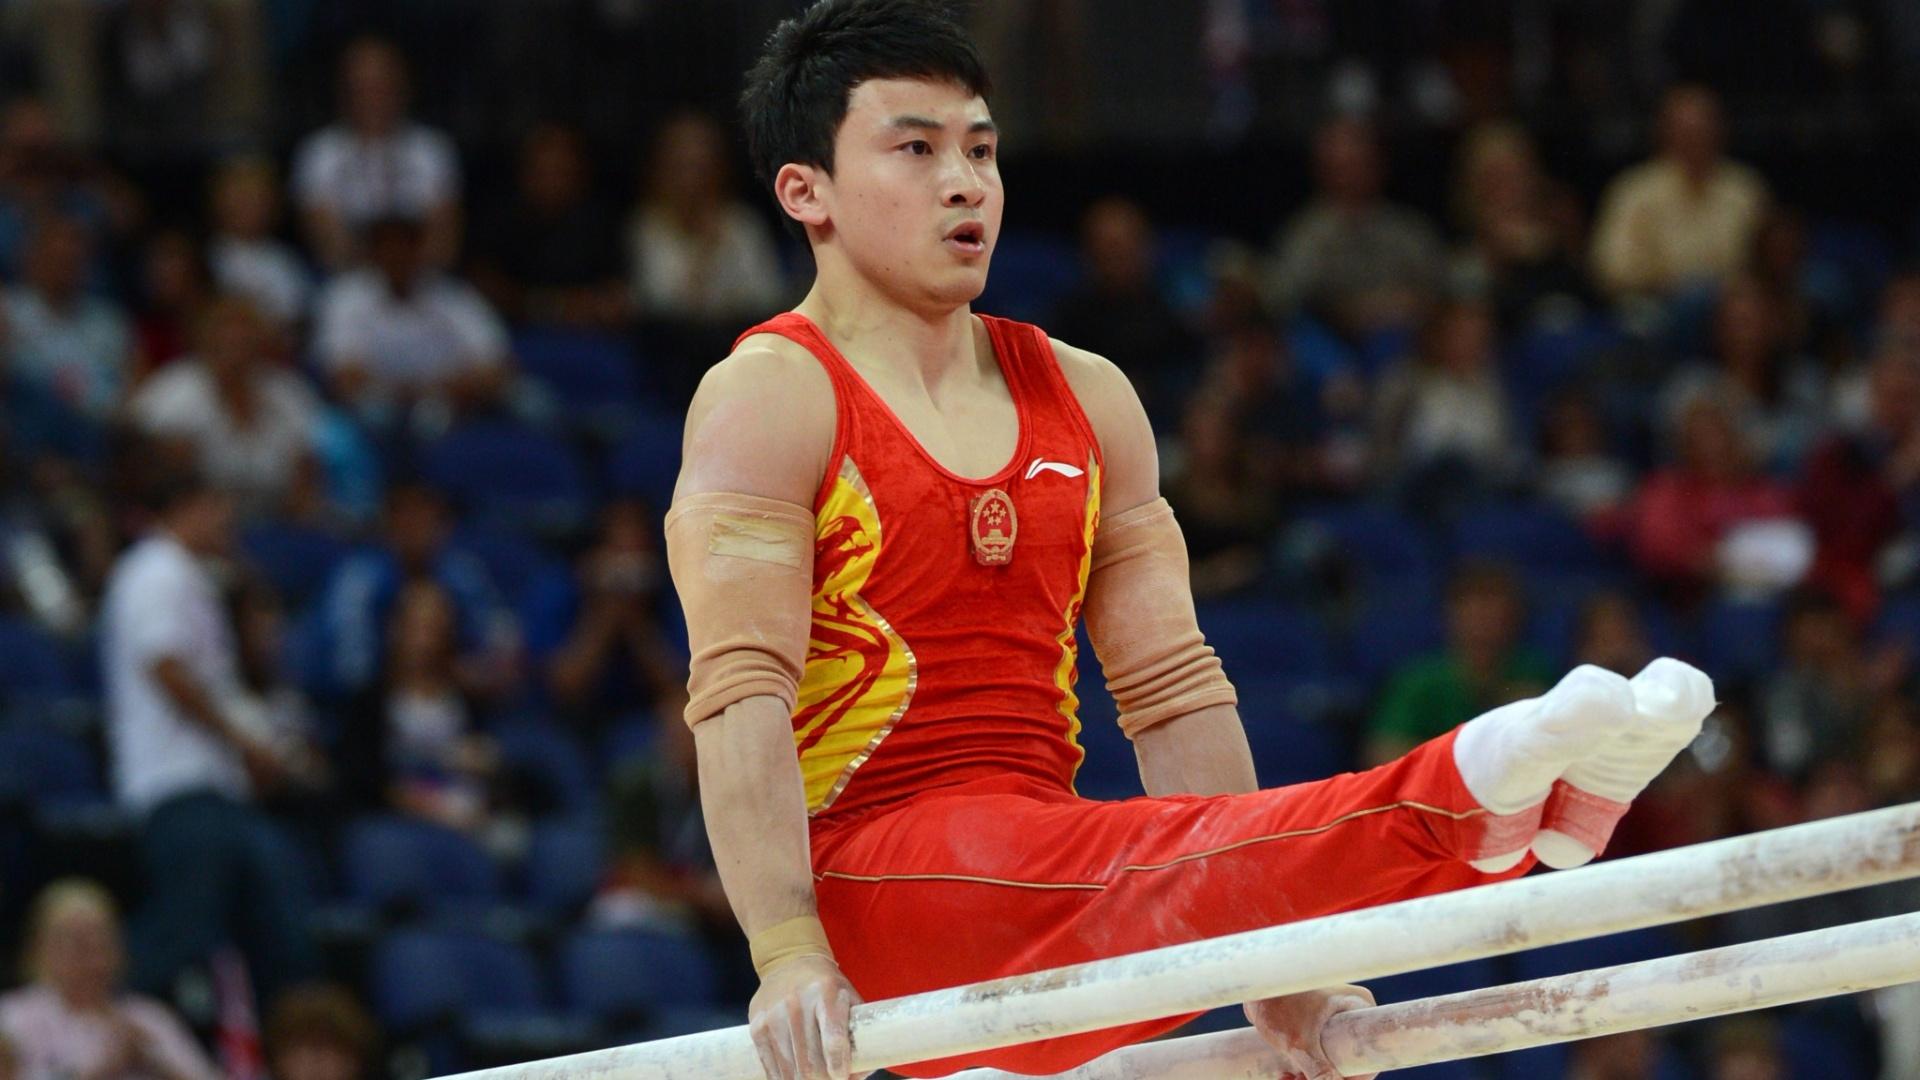 Chinês Feng Zhe se apresenta na final de barras paralelas no último dia da ginástica artística em Londres; ele ficou com a medalha de ouro